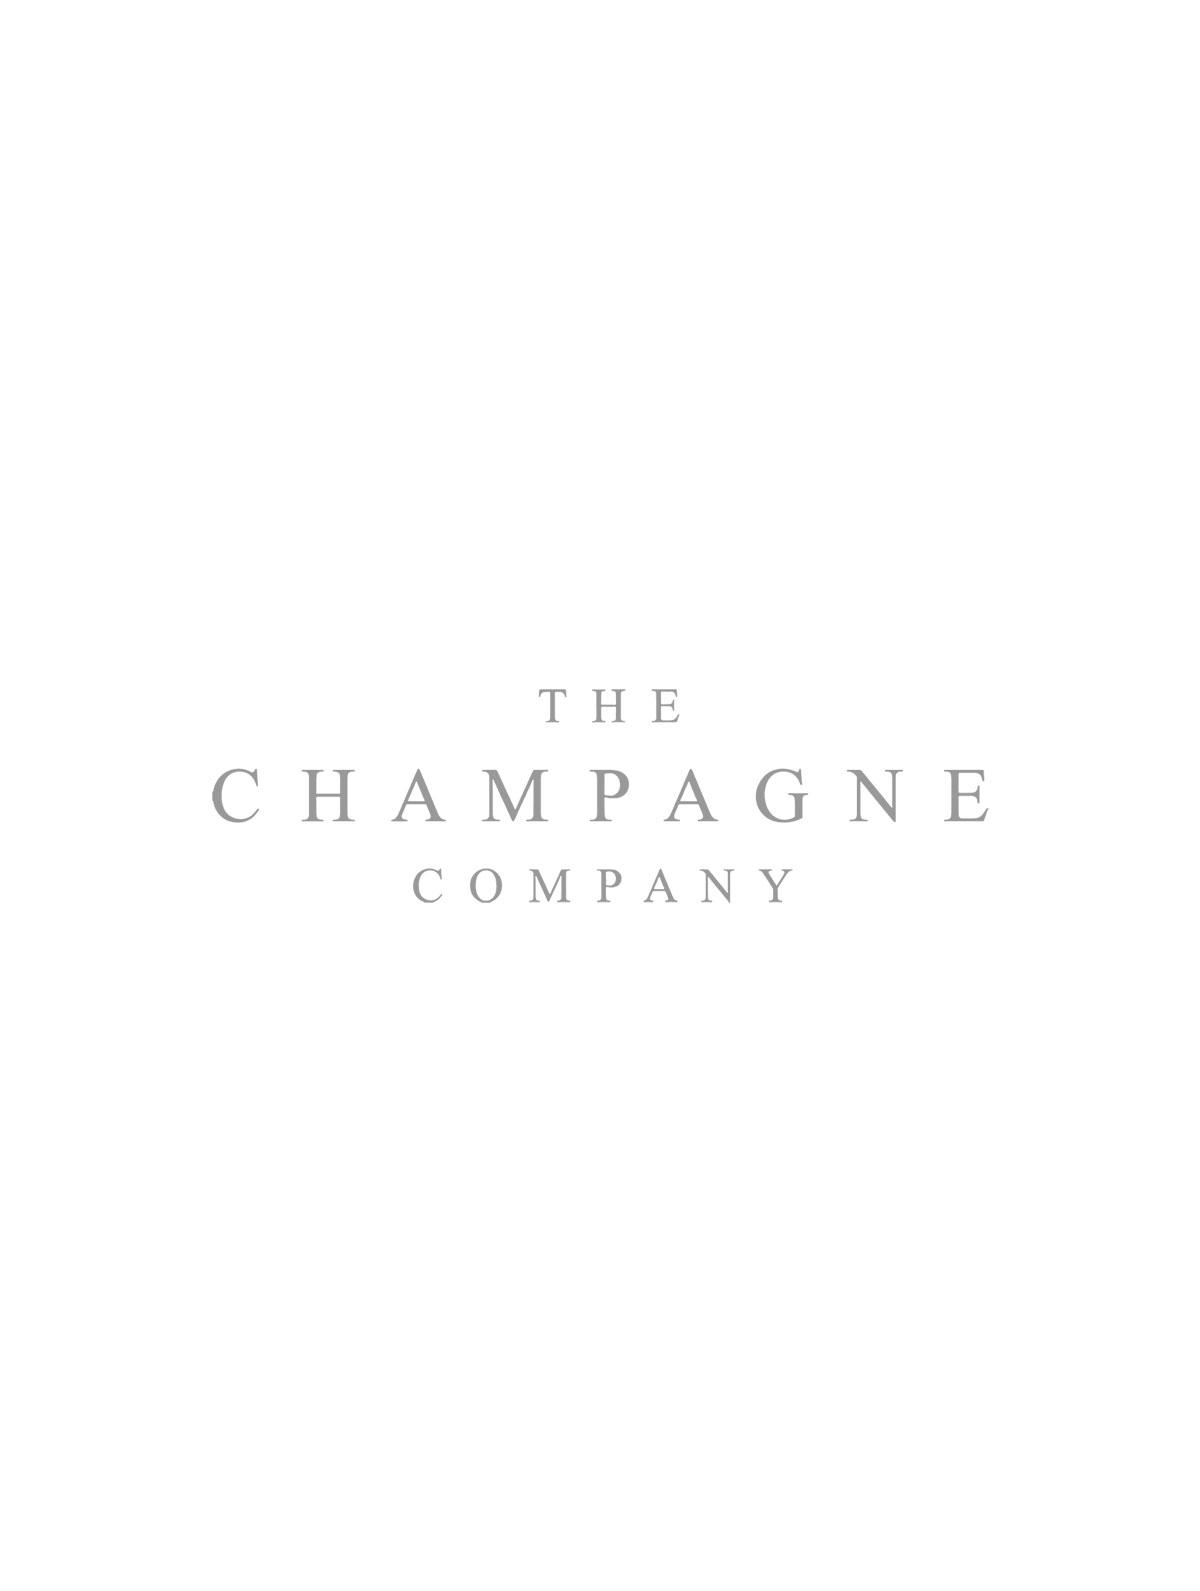 Bottega Gold Prosecco Brut Vino Dei Poeti Gold Magnum 150cl